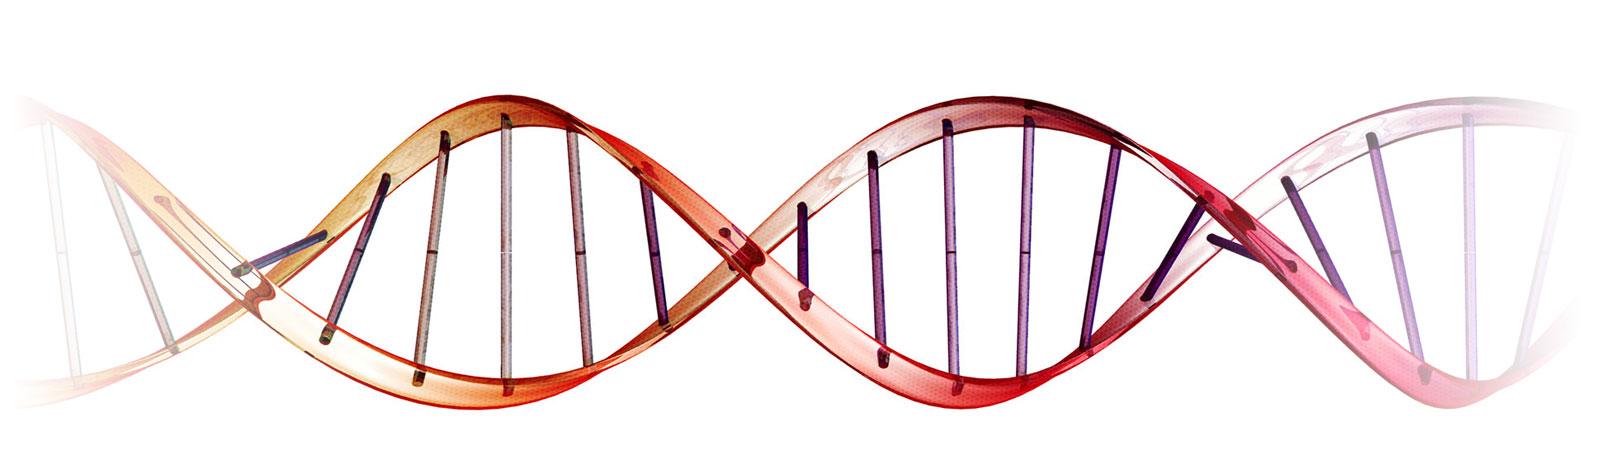 پکيج کامل تغذيه و سلامتي متناسب با ژنتيک شما bg 9